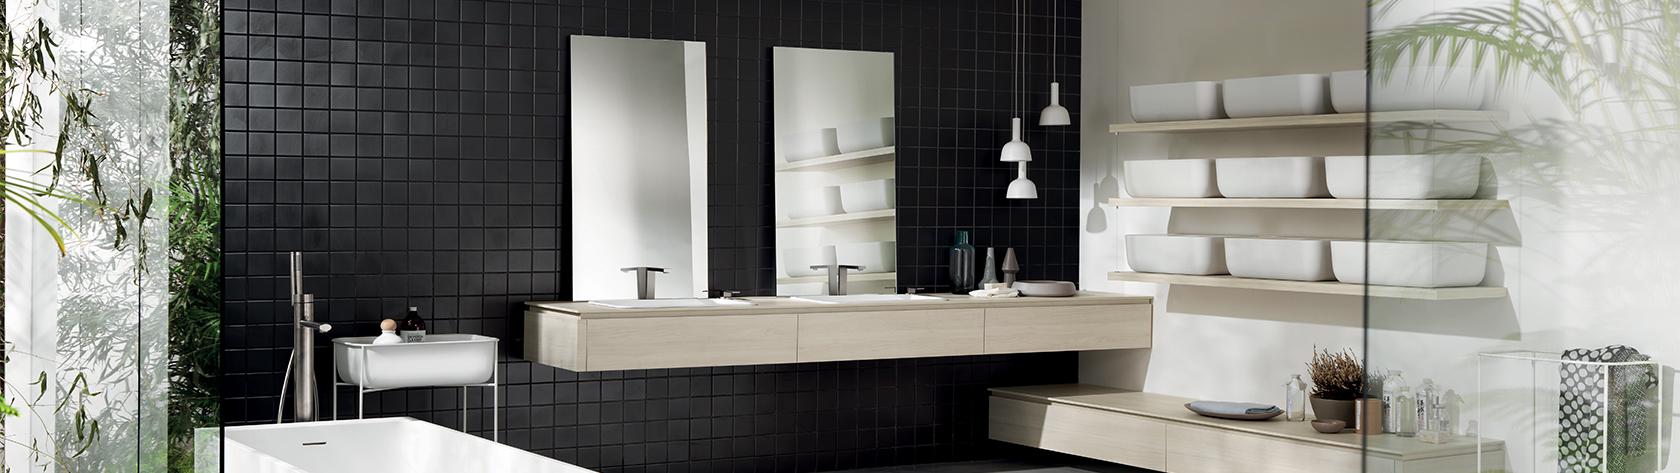 Mensole utili piani di appoggio in bagno sanna mobili for Piani del bagno seminterrato